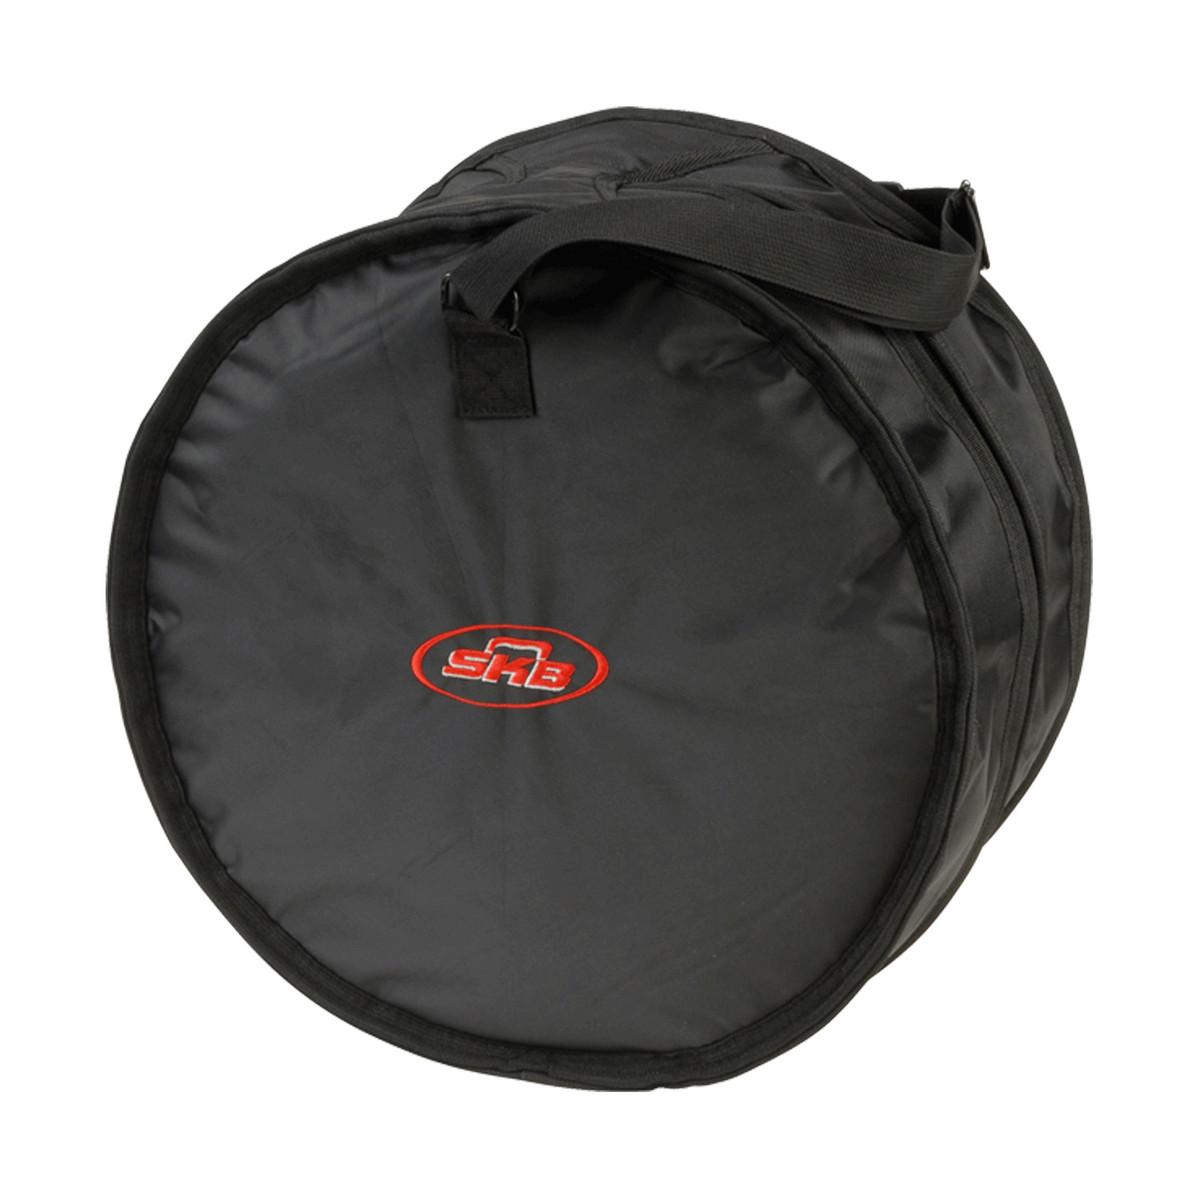 skb 5 5 39 39 x 14 39 39 snare drum gig bag at gear4music. Black Bedroom Furniture Sets. Home Design Ideas